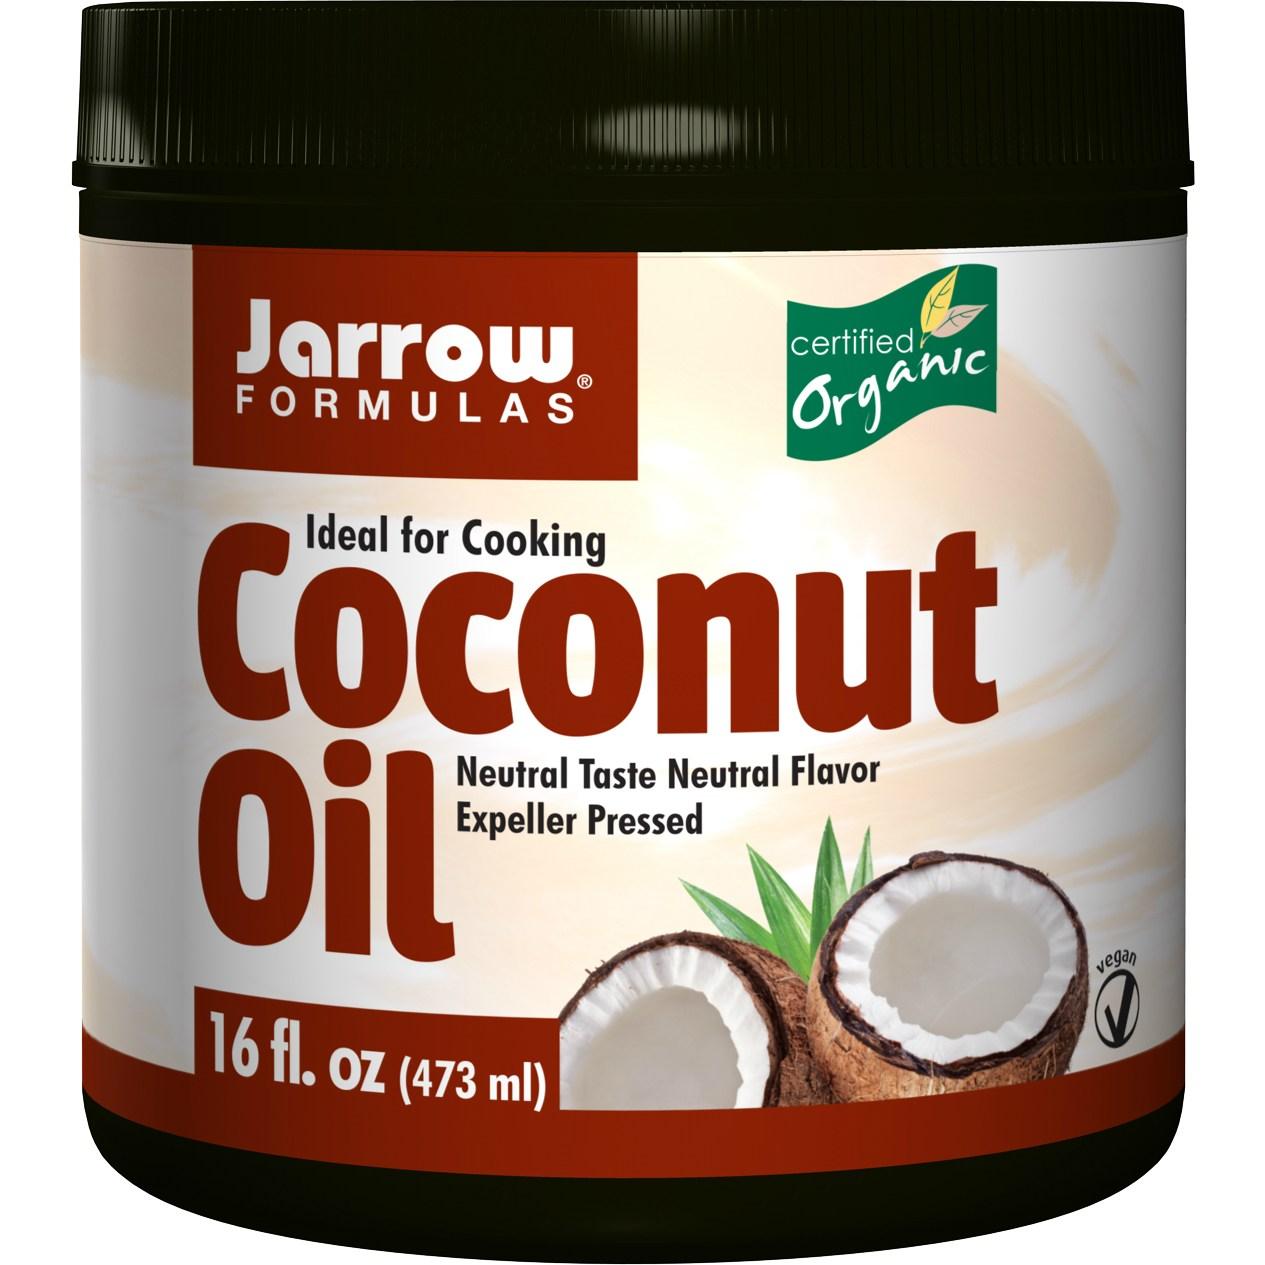 재로우 아이디얼 포 쿠킹 코코넛 오일, 473ml, 1개